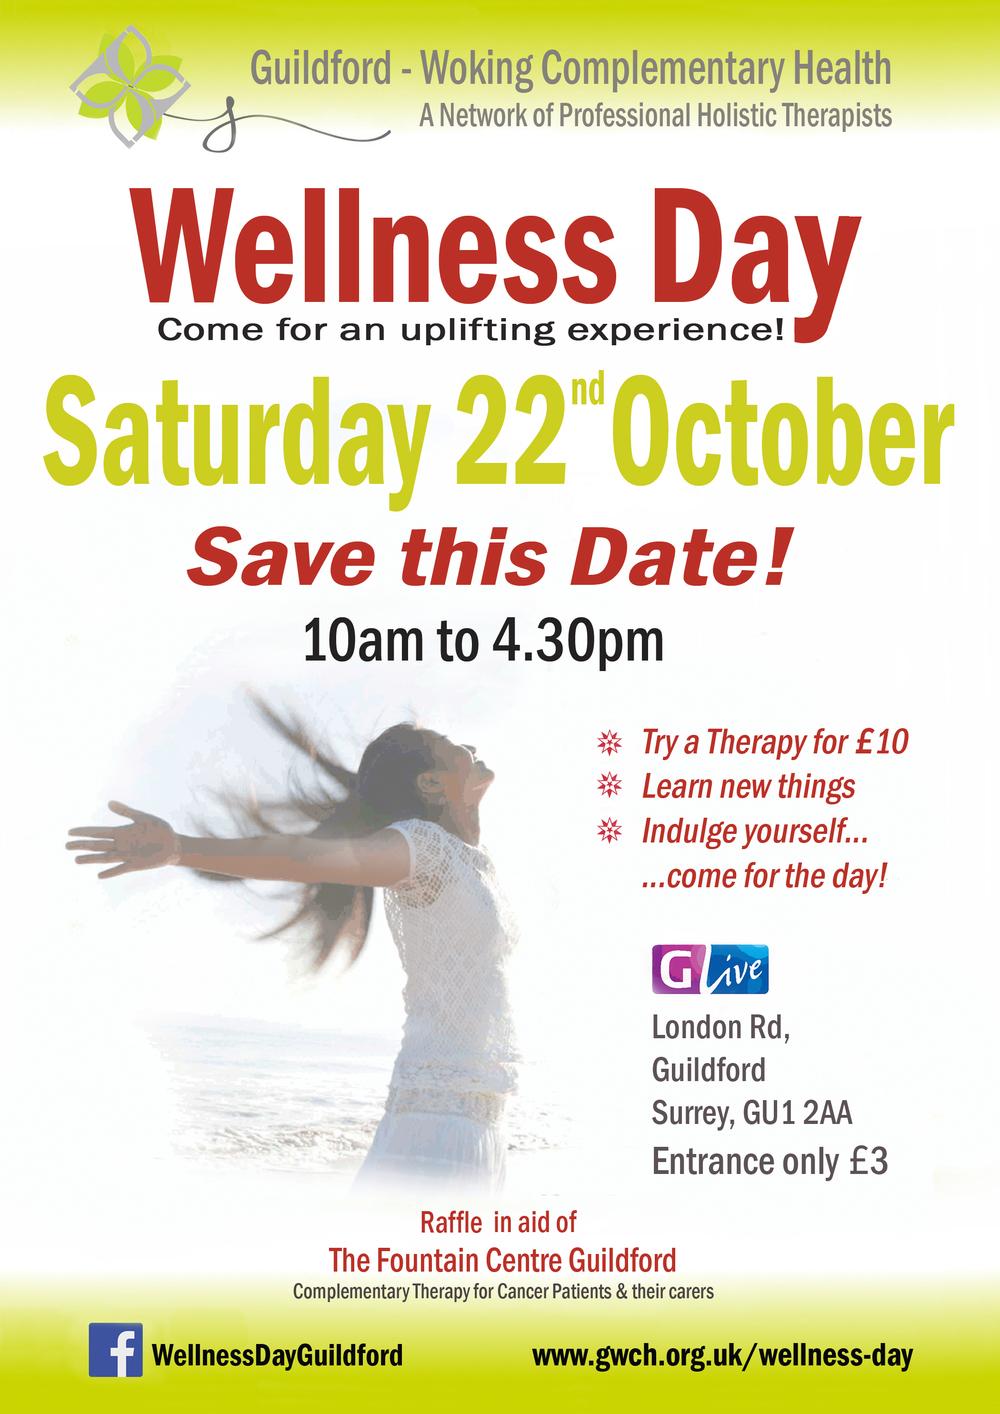 guildford surrey glive holistic and wellness event www.susanemma.com